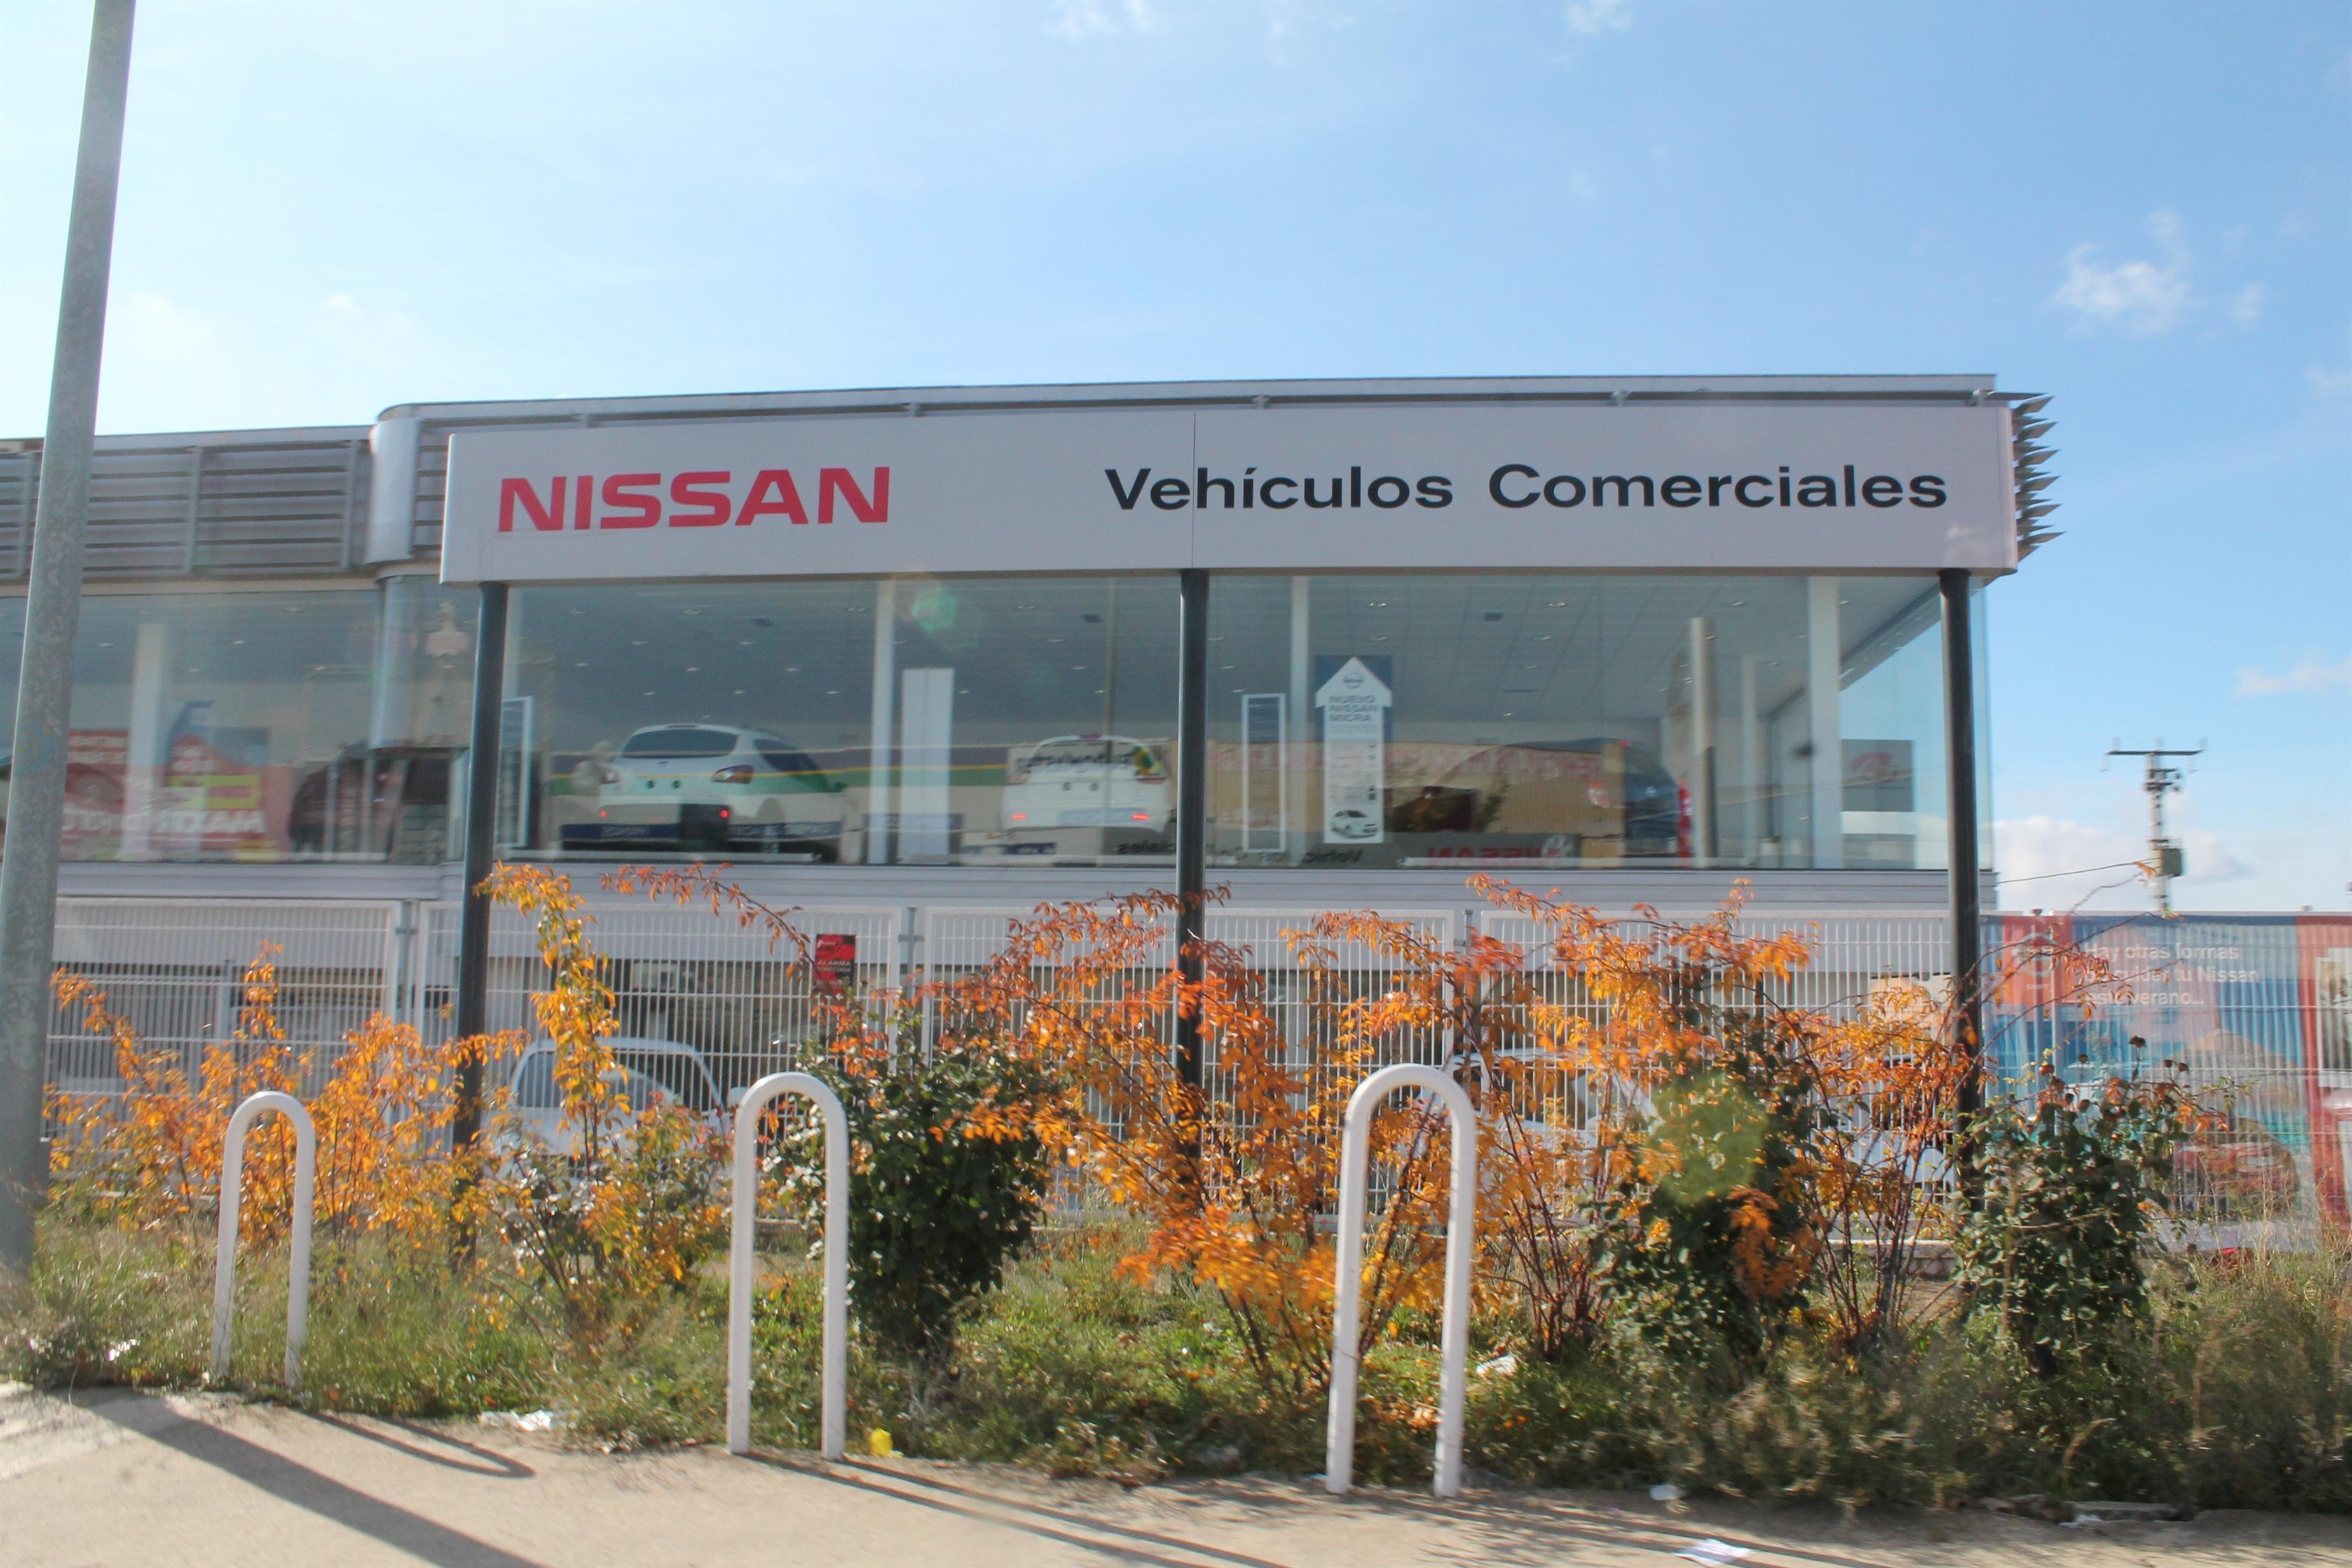 Las ventas de coches en Cantabria bajan un 11,7 en el primer semestre, con un total de 2.997 matriculaciones